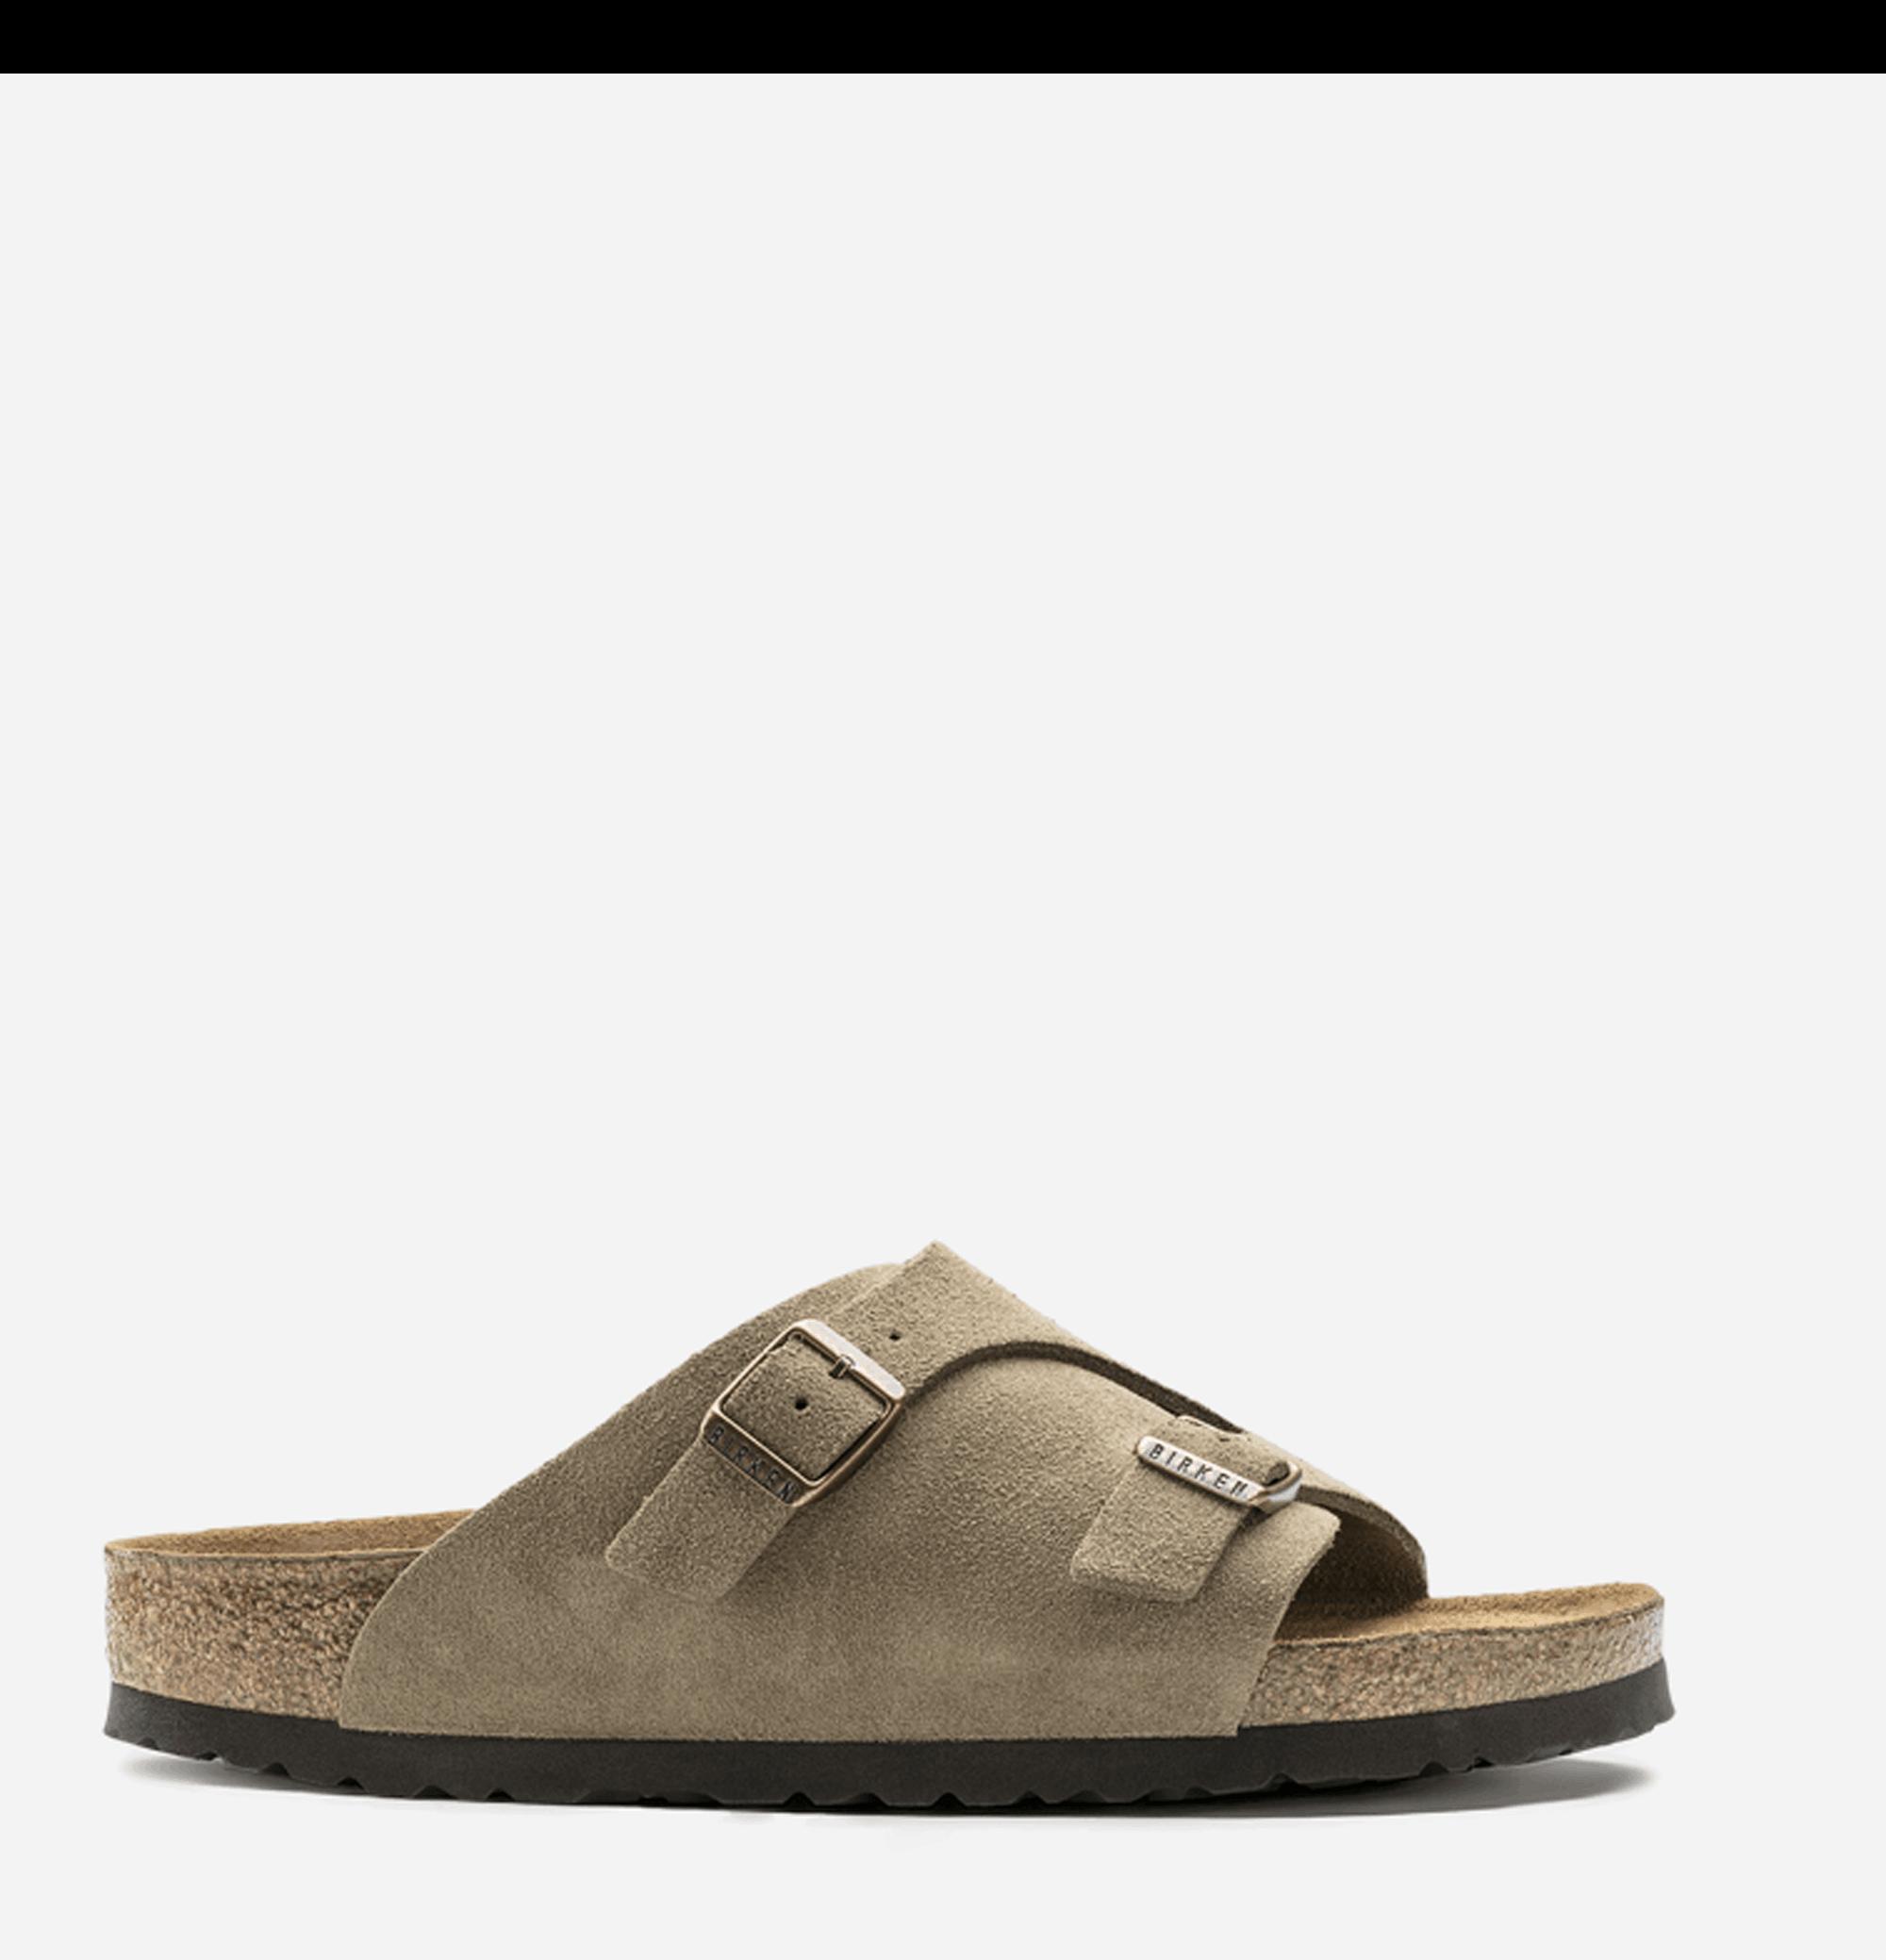 Womens Zurich Sandals Taupe